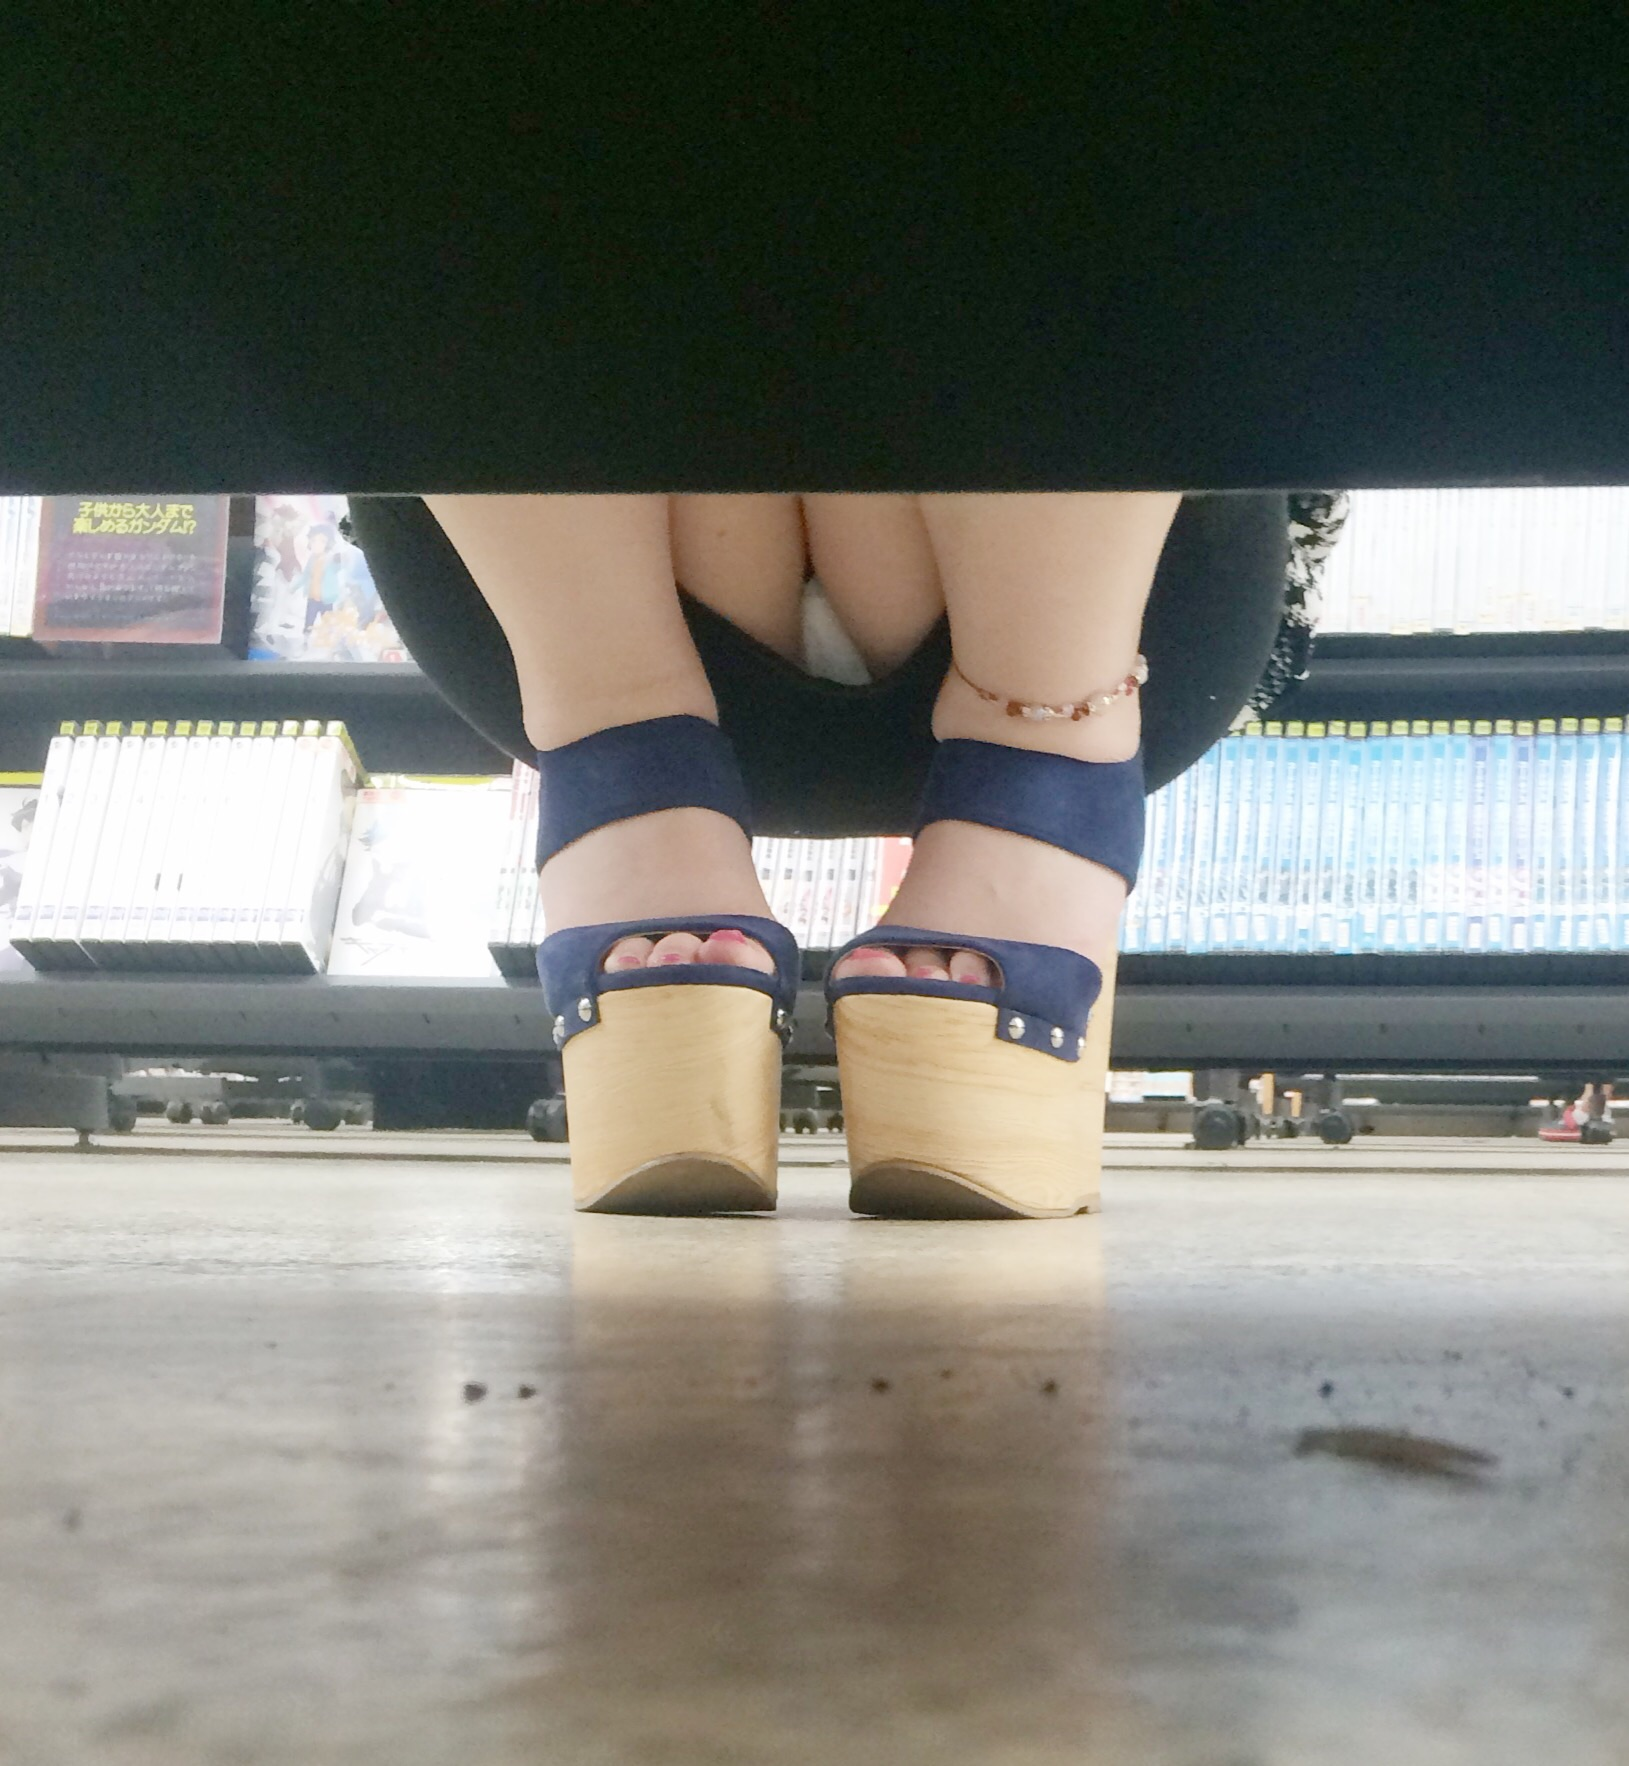 【パンチラエロ画像】棚の下から座るミニスカ女子のパンツを商品そっちのけでガン見www 13